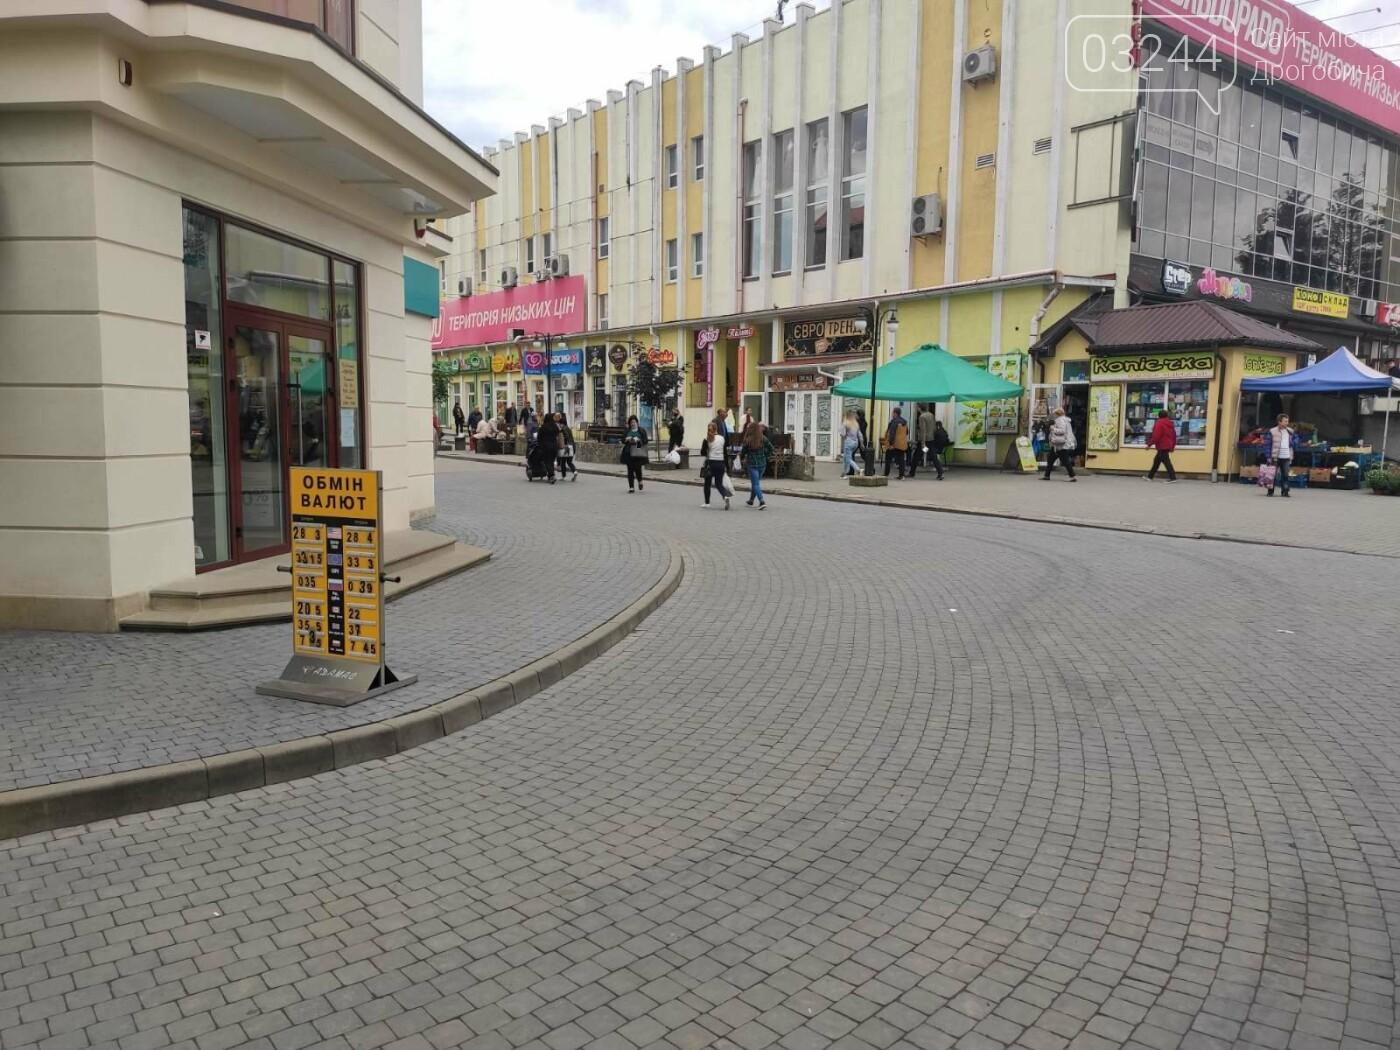 У Дрогобичі зрушення - стихійні торговці із Ковальської перейшли на новооблаштований ринок, - ФОТОРЕПОРТАЖ, фото-14